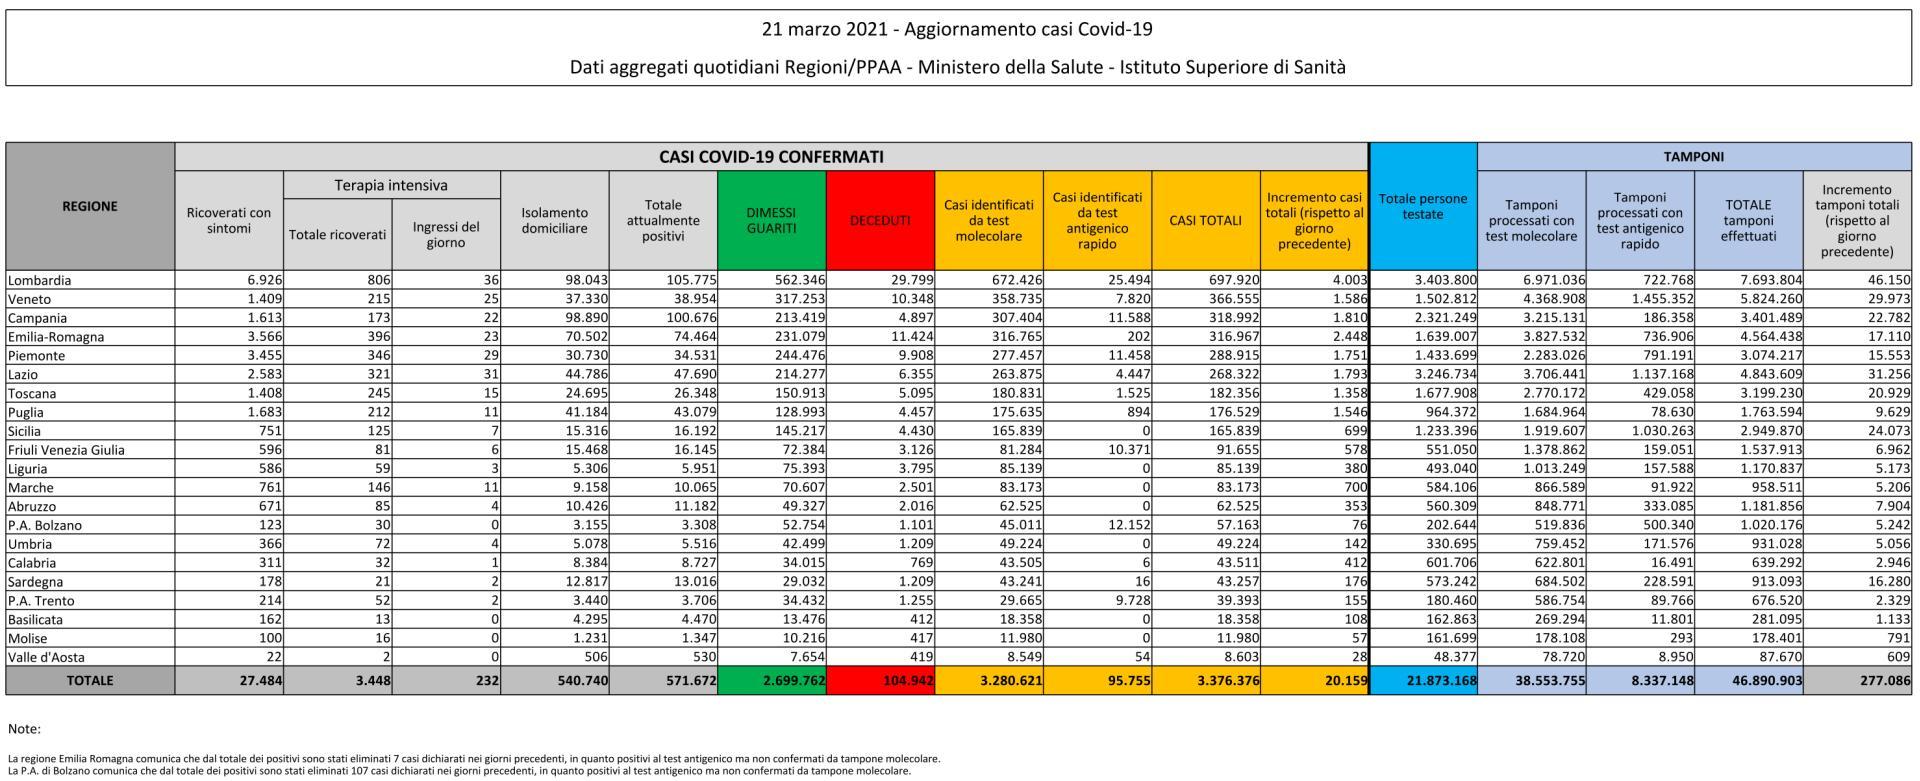 21 marzo 2021 - Aggiornamento casi Covid-19 Dati aggregati quotidiani Regioni/PPAA - Ministero della Salute - Istituto Superiore di Sanità